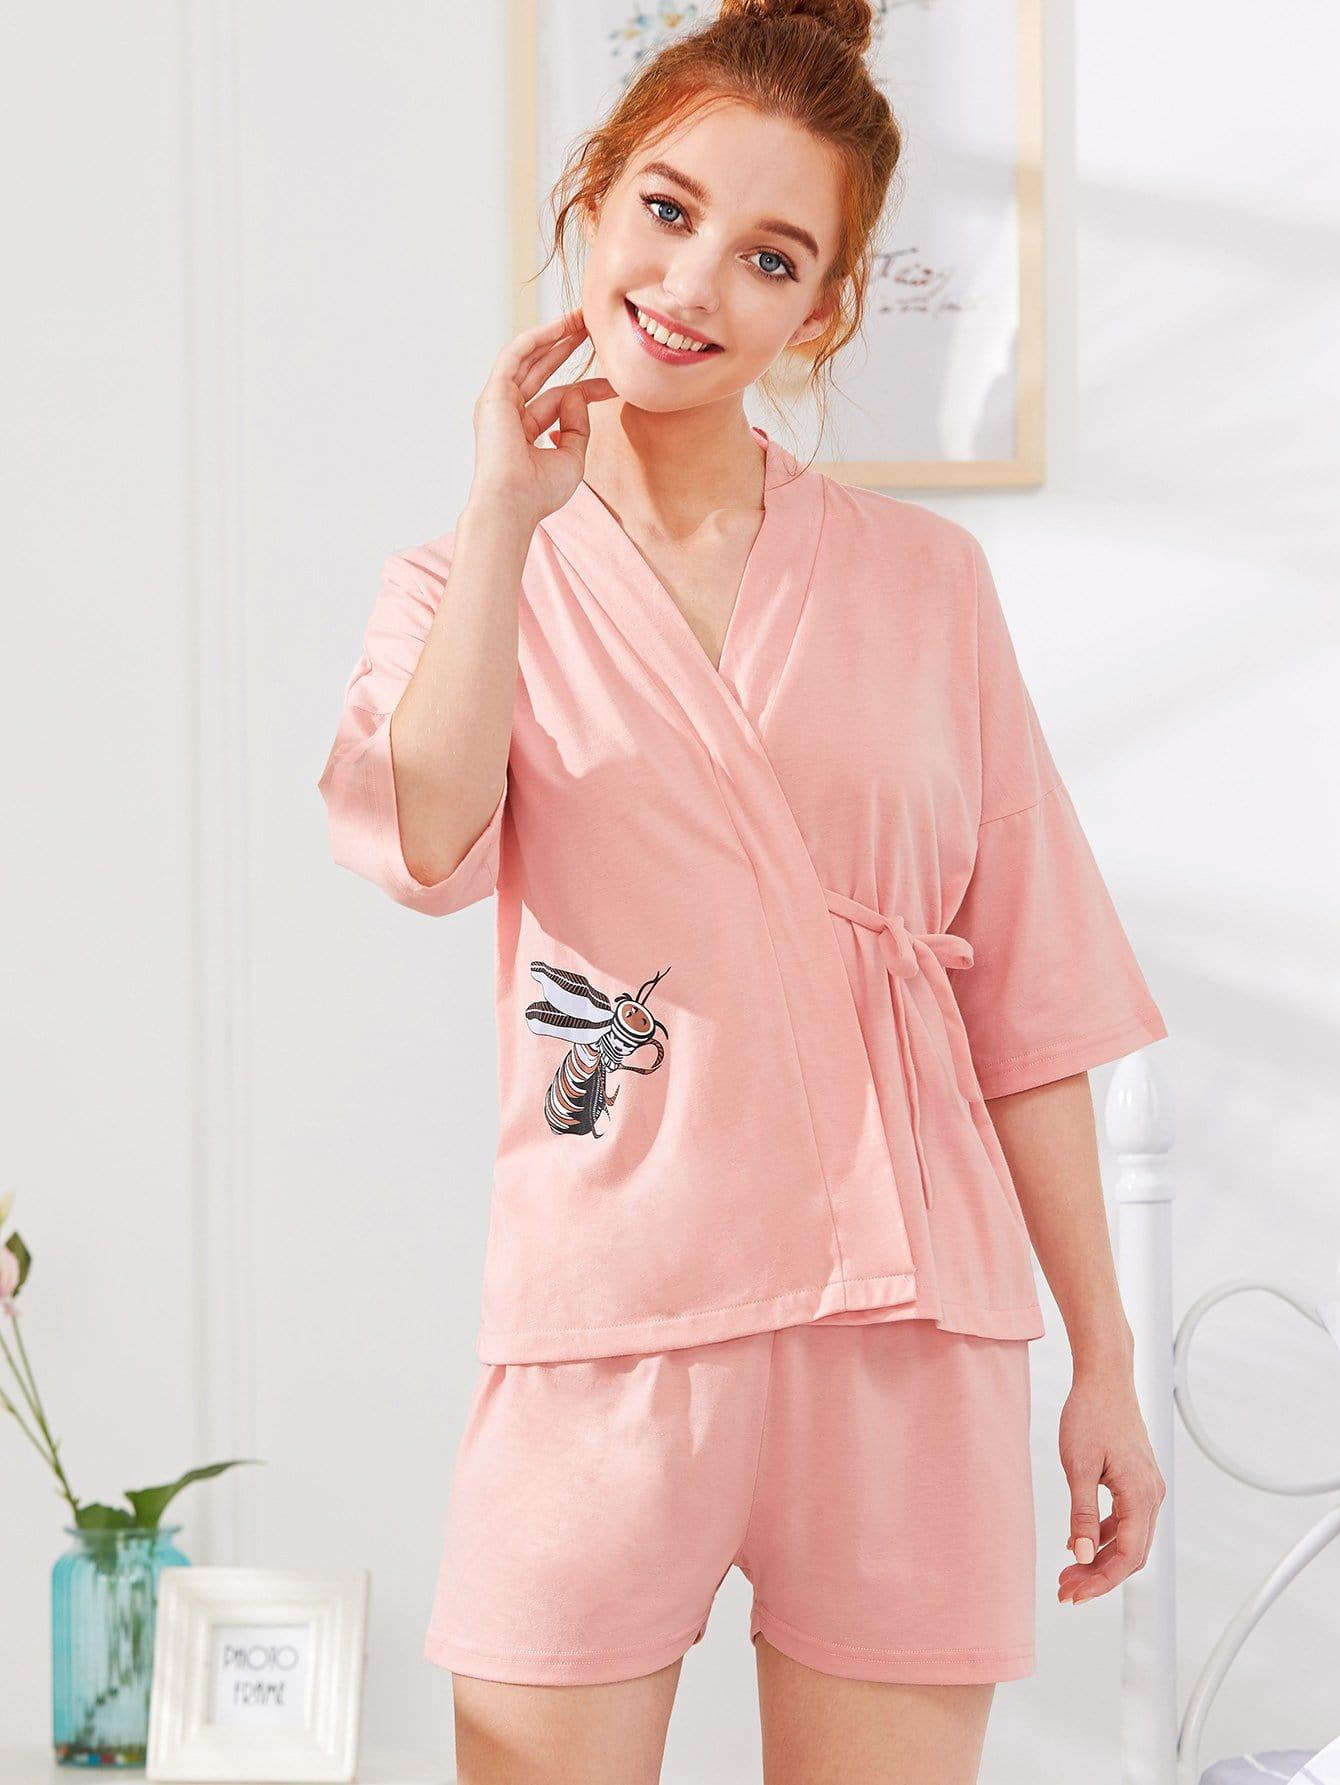 Купить Комплект пижамы топ с запахом и принтом пчелы и шорты, Poly, SheIn